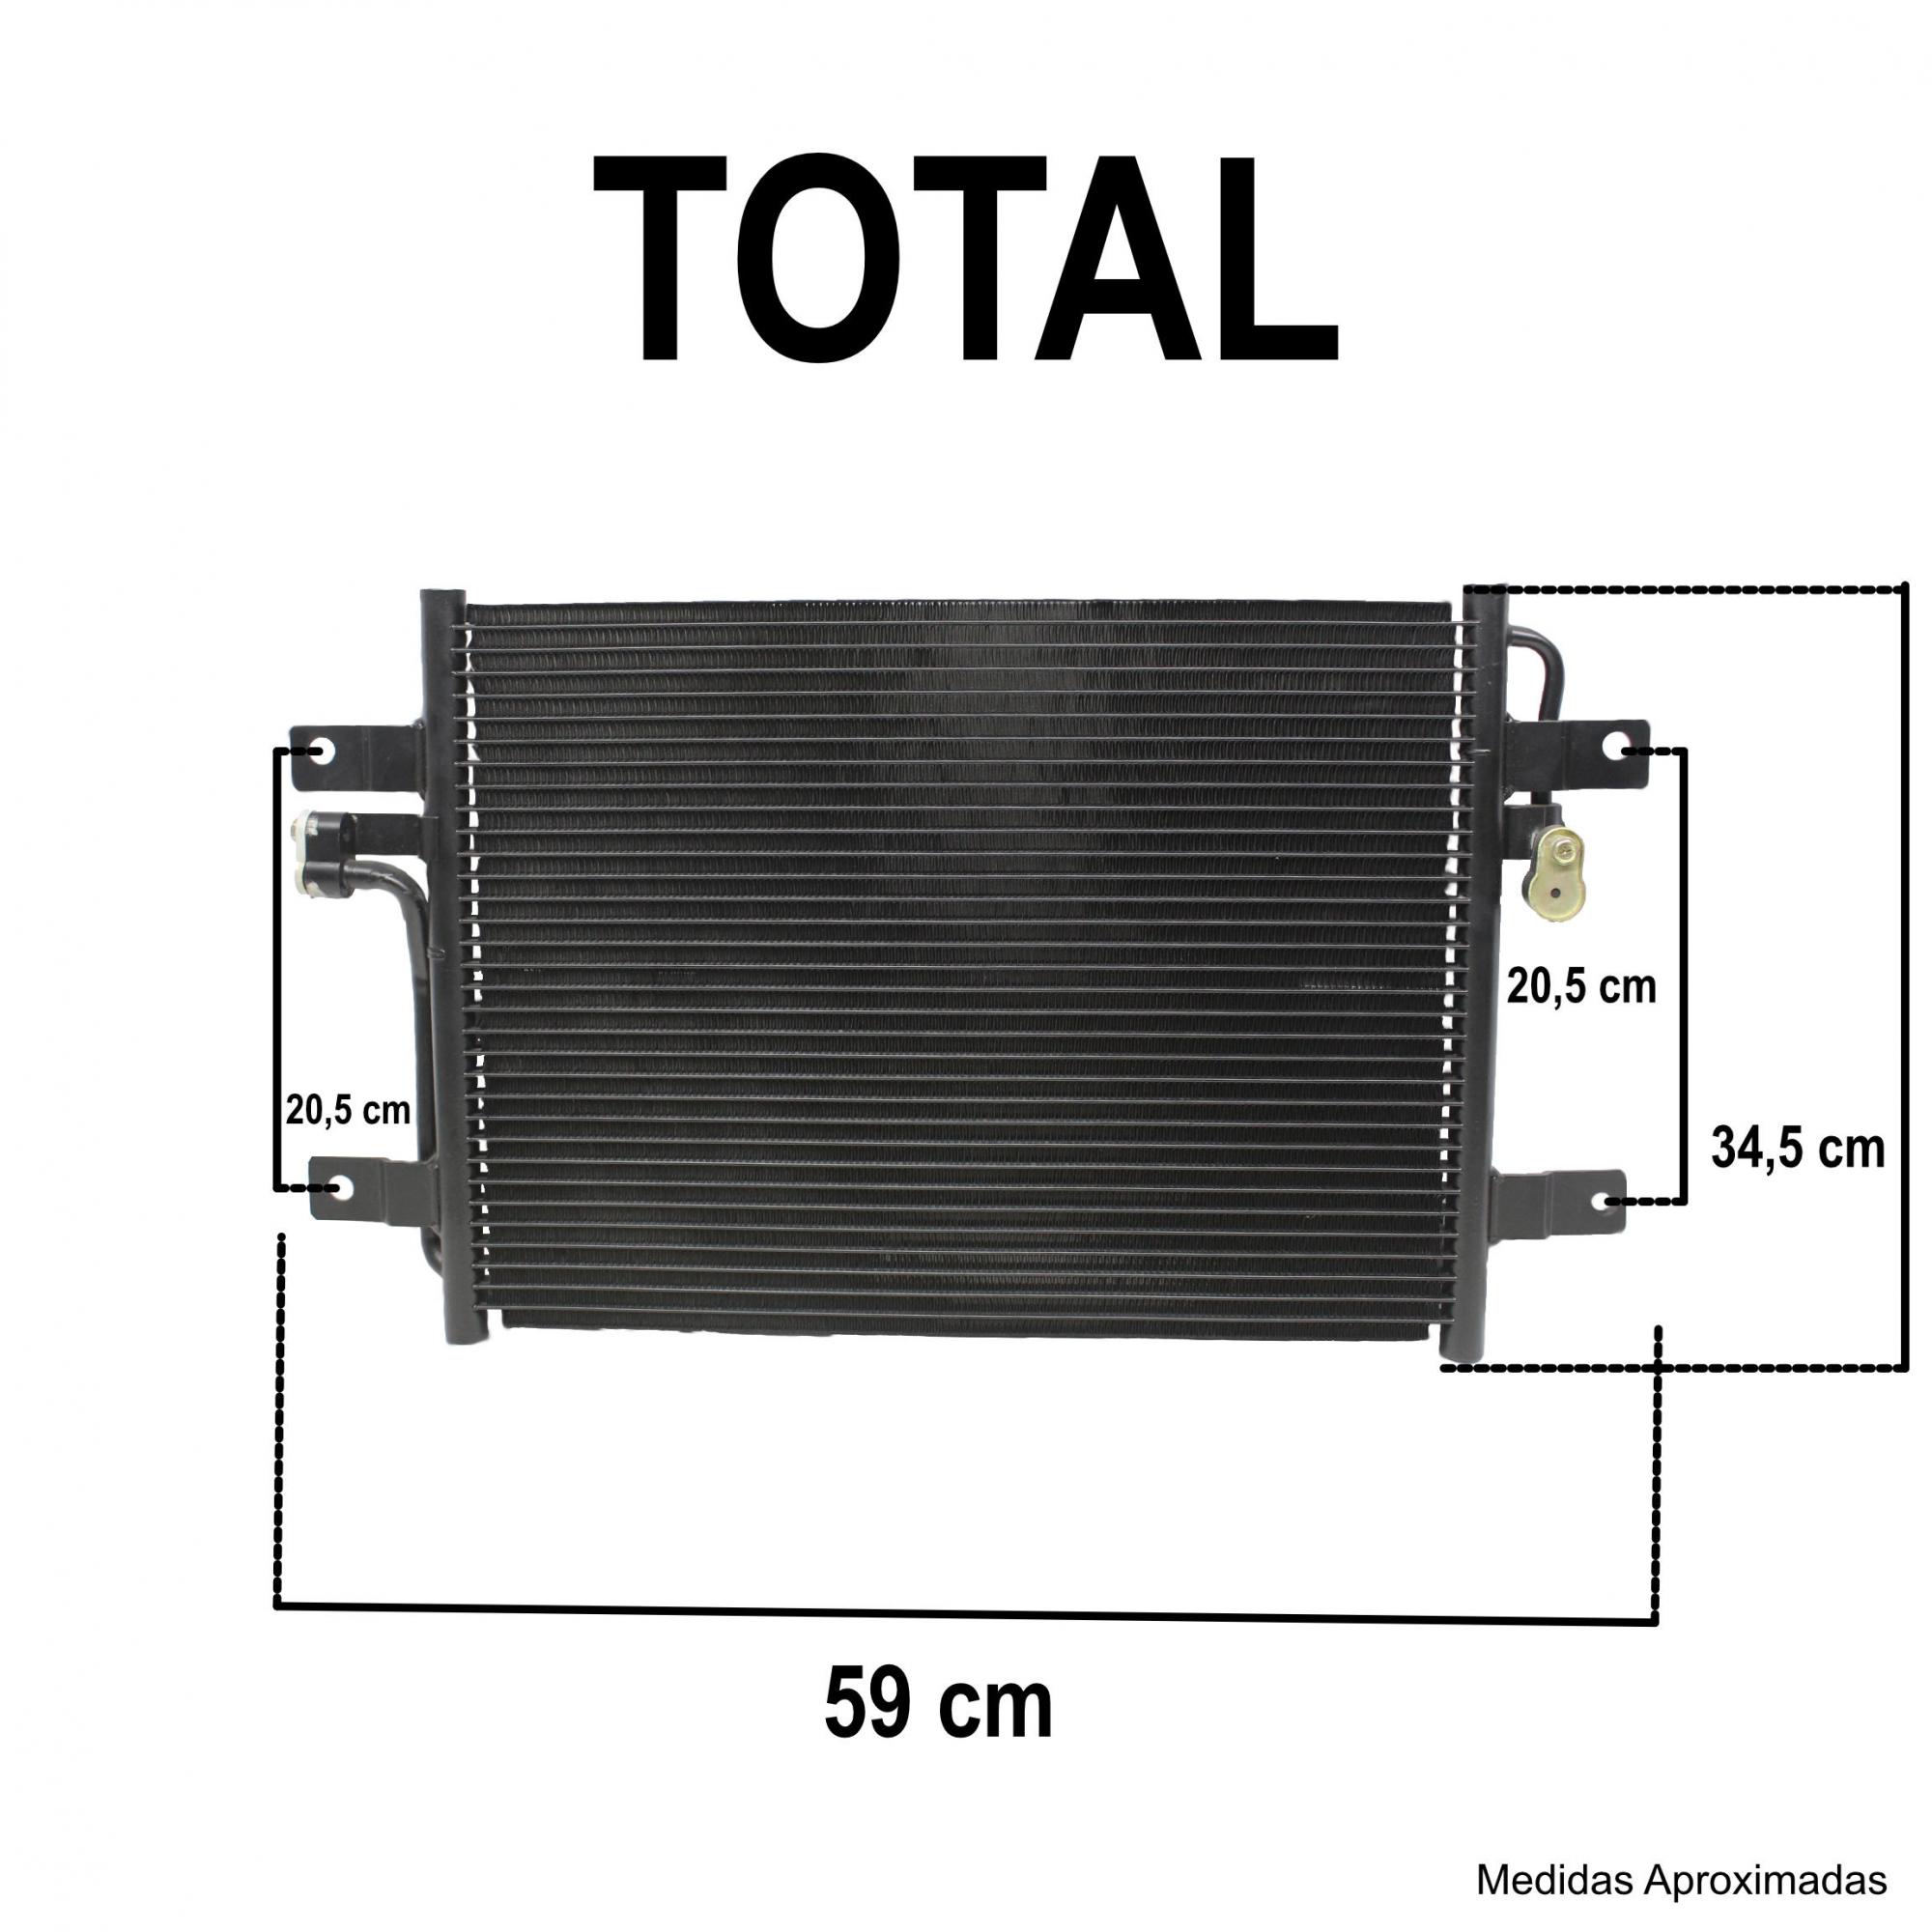 Condensador Ar Condicionado Palio, Siena 96...08, Idea 1.4 (COMPARAR FOTOS E MEDIDAS)